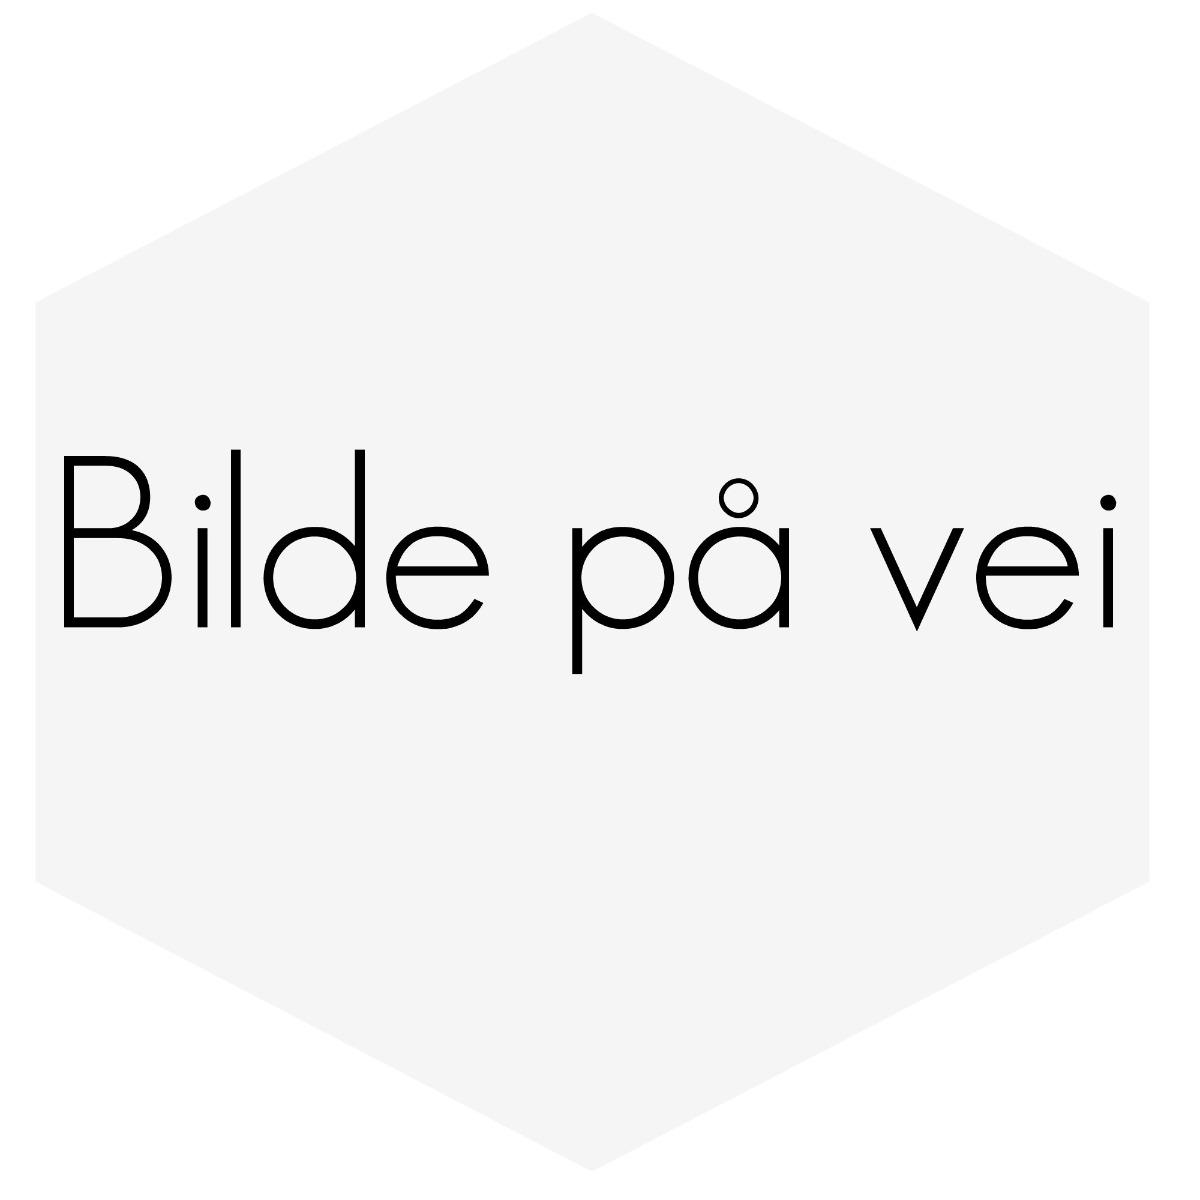 STØTFANGER SKINNE FORAN VOLVO 240-81-93